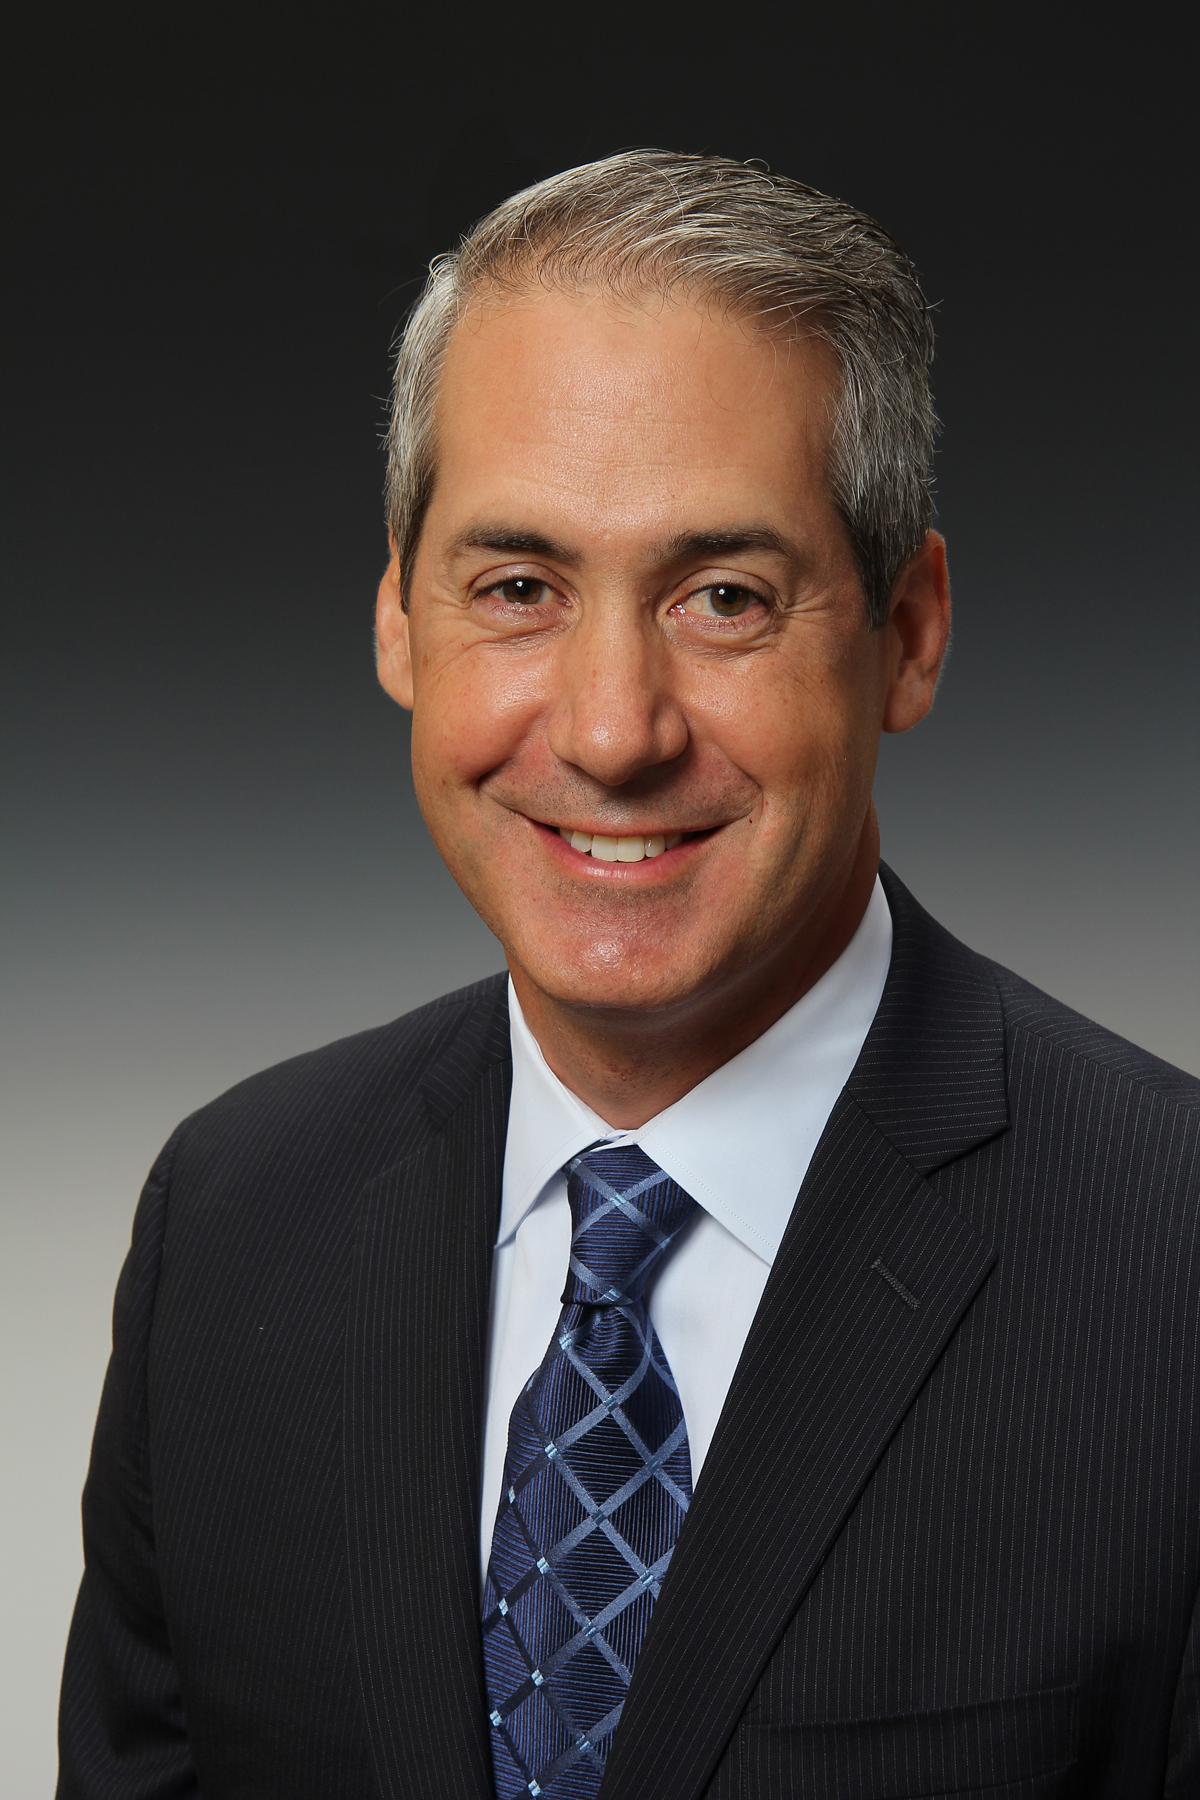 Tobin Richardson, ZigBee Alliance president and CEO